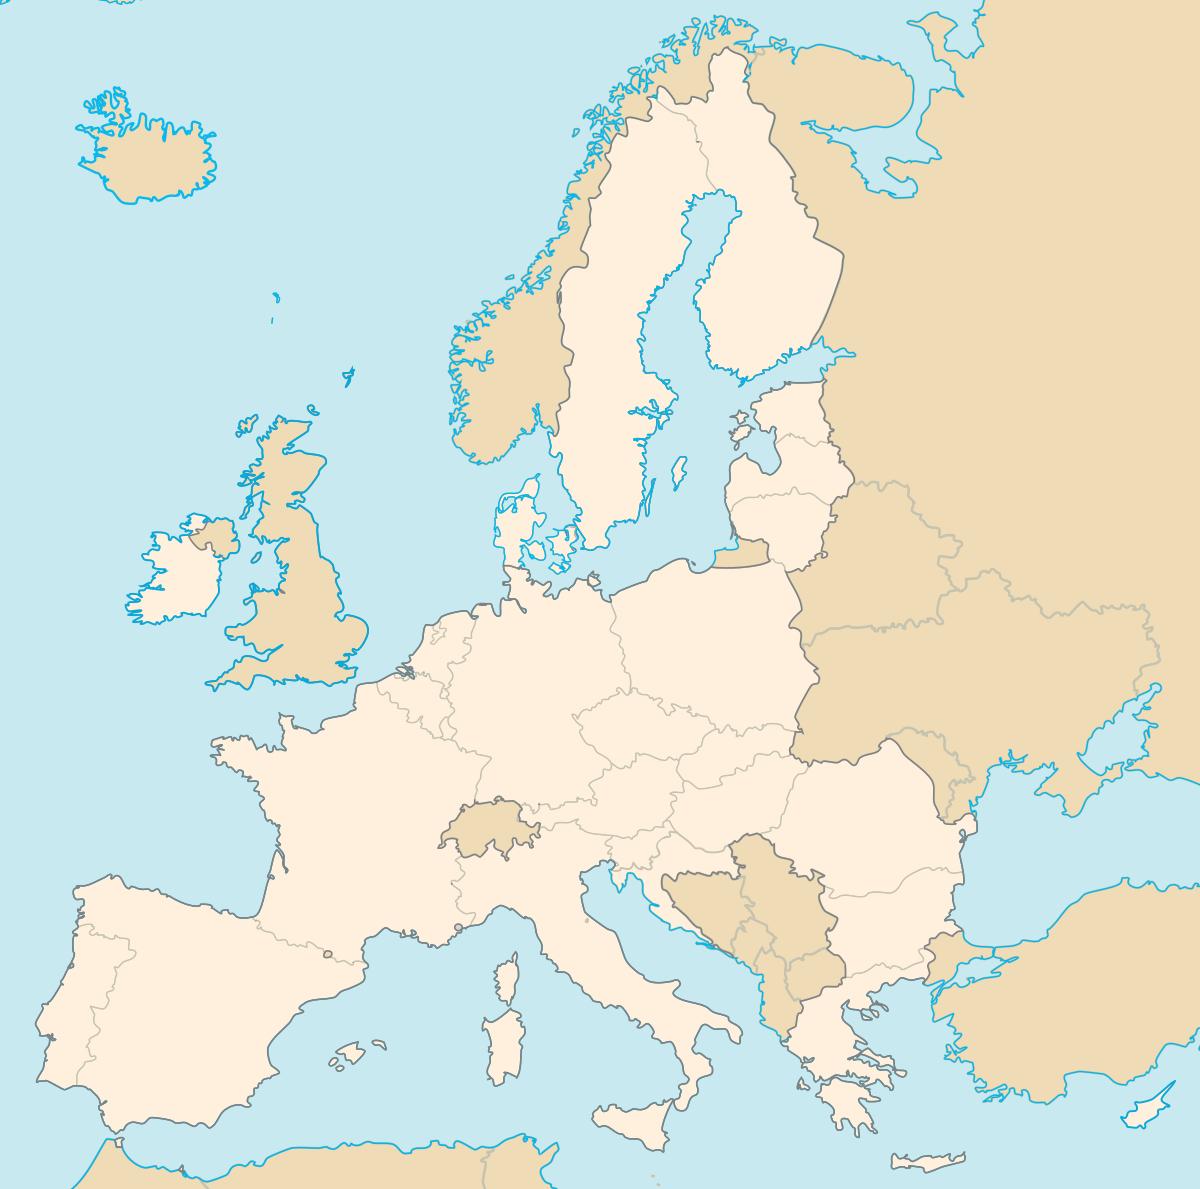 États Membres De L'union Européenne — Wikipédia destiné Carte De L Europe Vierge